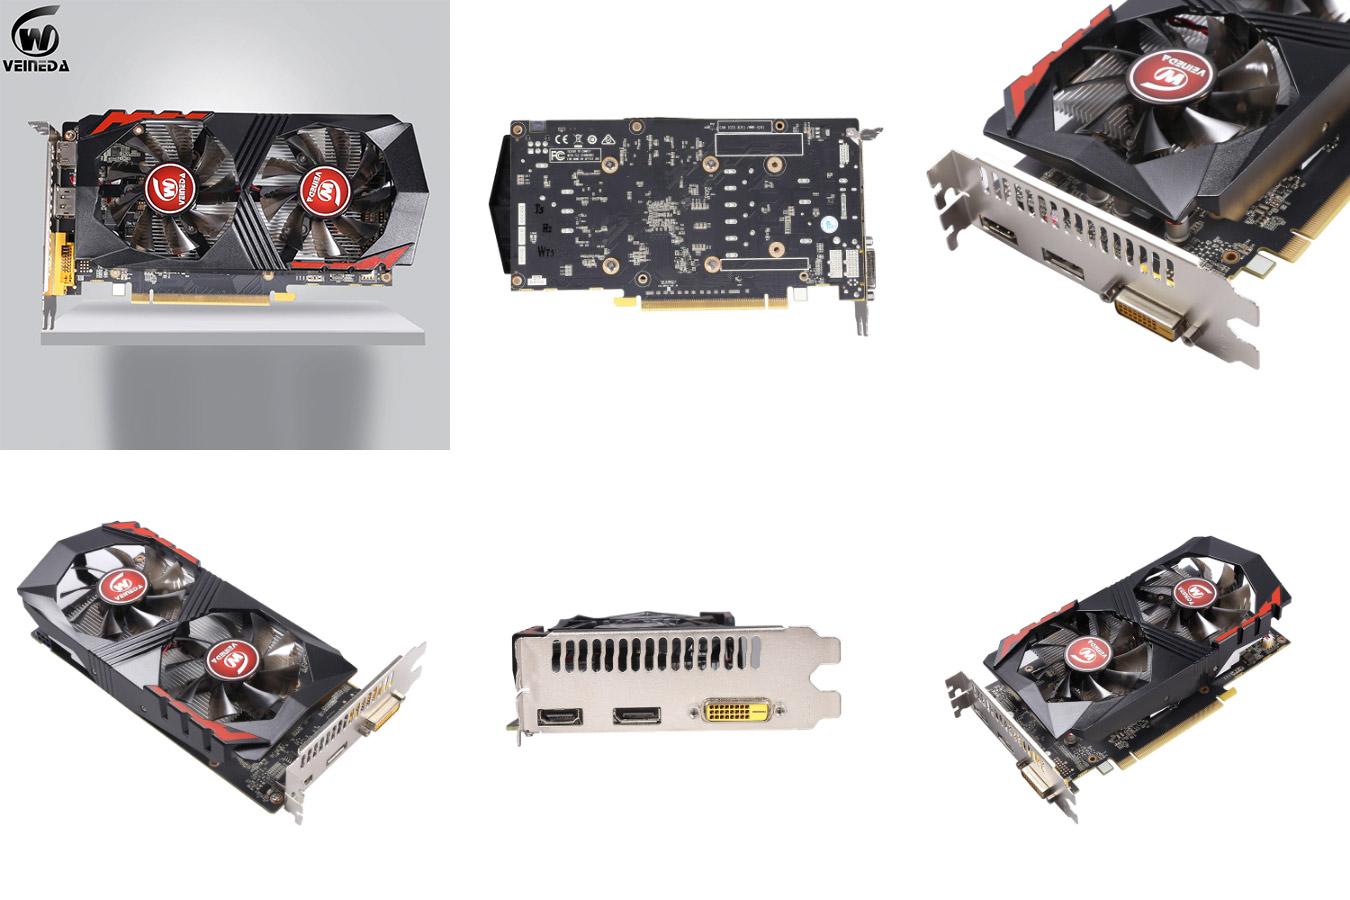 Оригинальная видеокарта GeForce GTX 1050 Ti